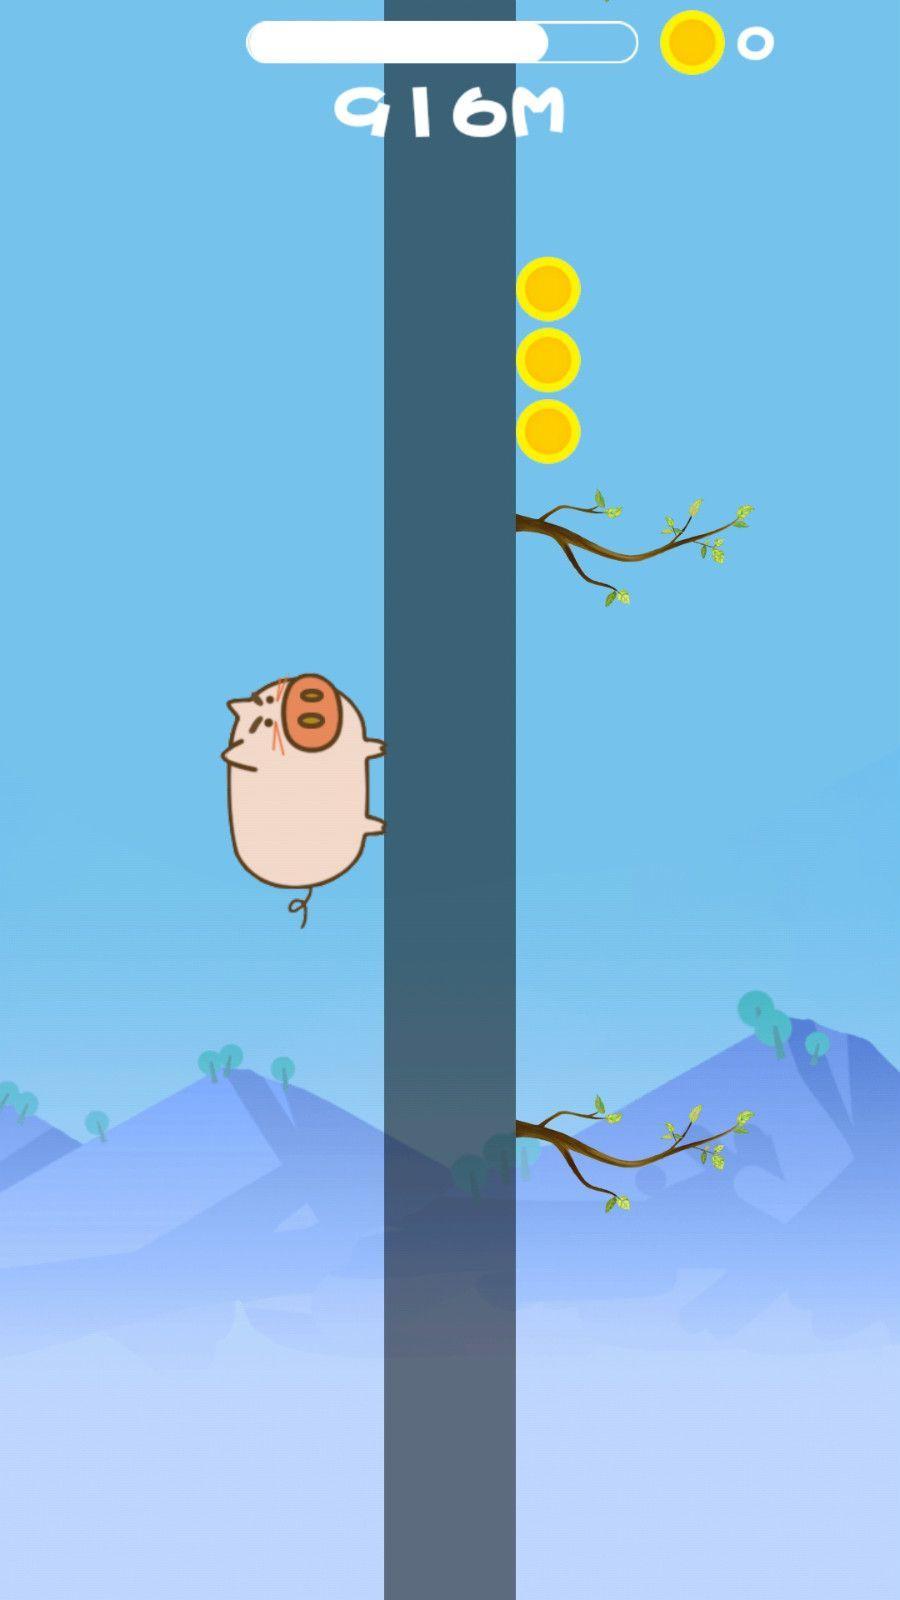 公猪上树之为了爱情游戏安卓版下载最新地址图片1